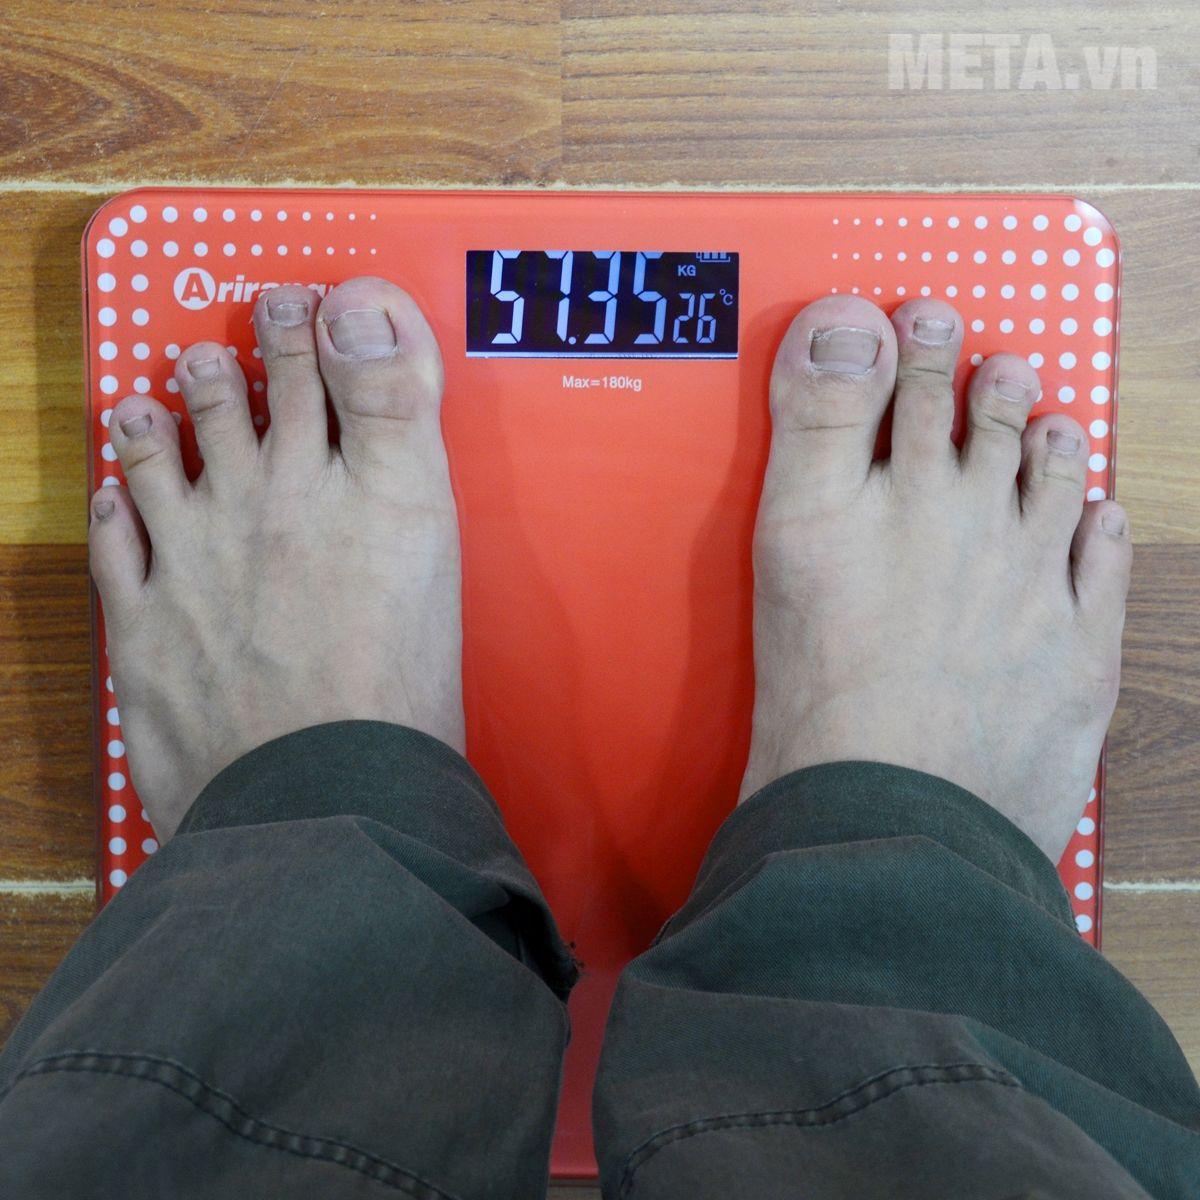 Đo cân nặng